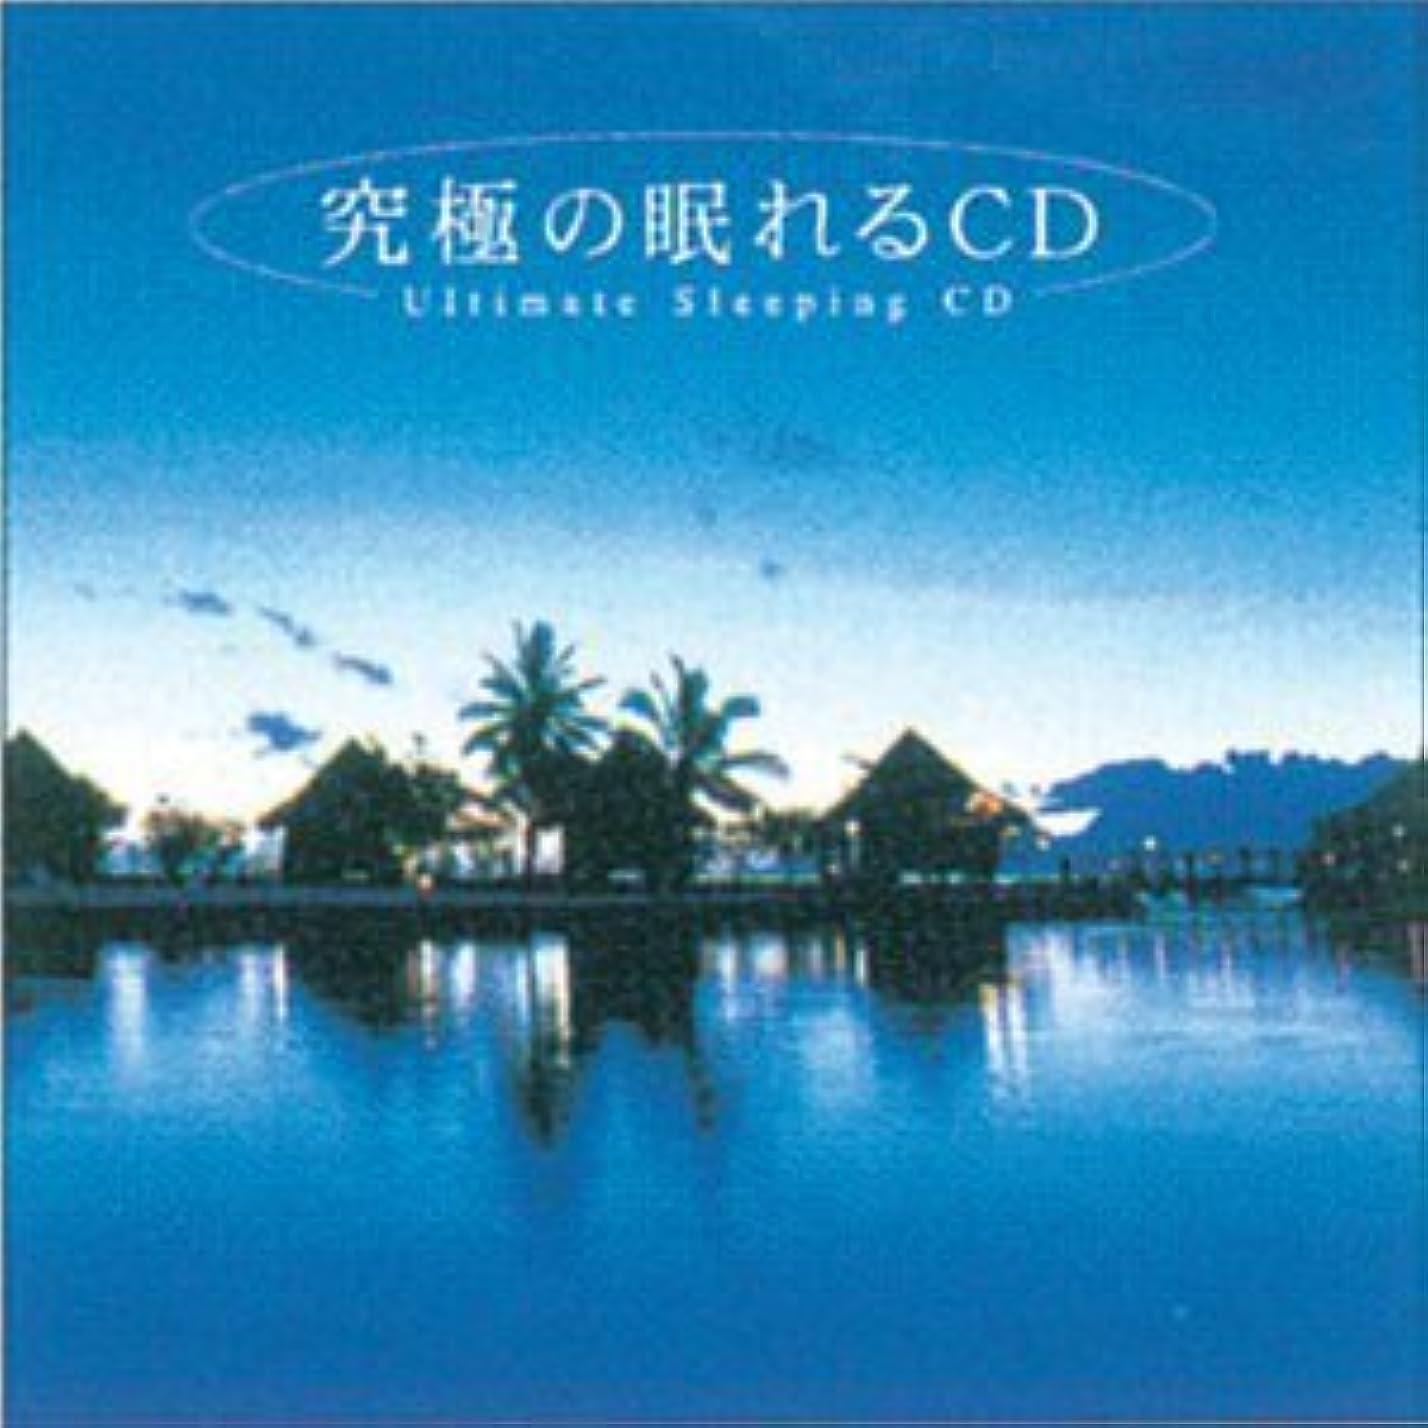 飛行機シティダニ【メディカルブック】 リラクゼーションCD 究極の眠れるCD(60分) (SI-407L)